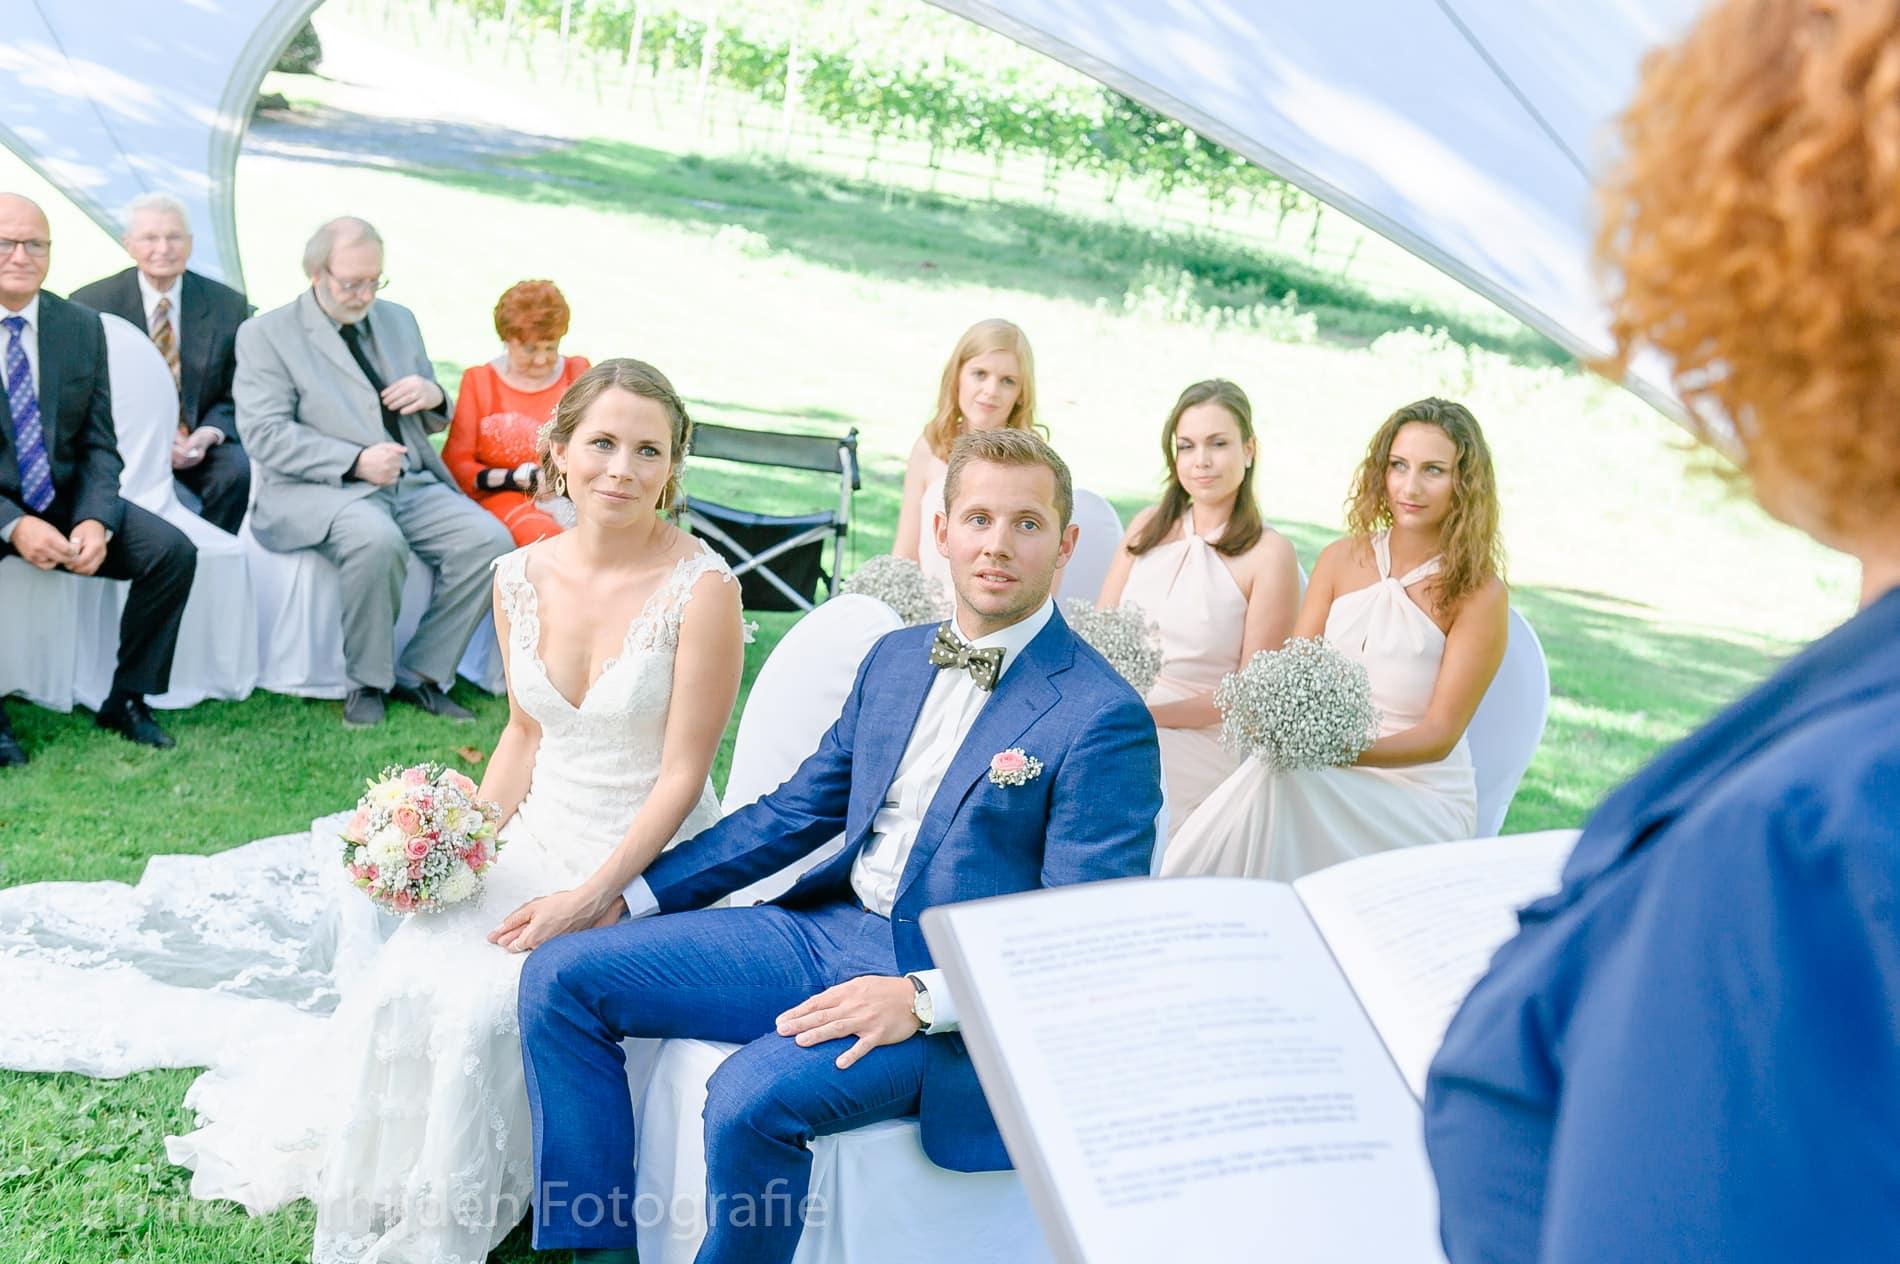 het wettelijk huwelijk buiten in de tuin onder de tent- Bruidsfotografie Winselerhof Landgraaf - Kerkrade